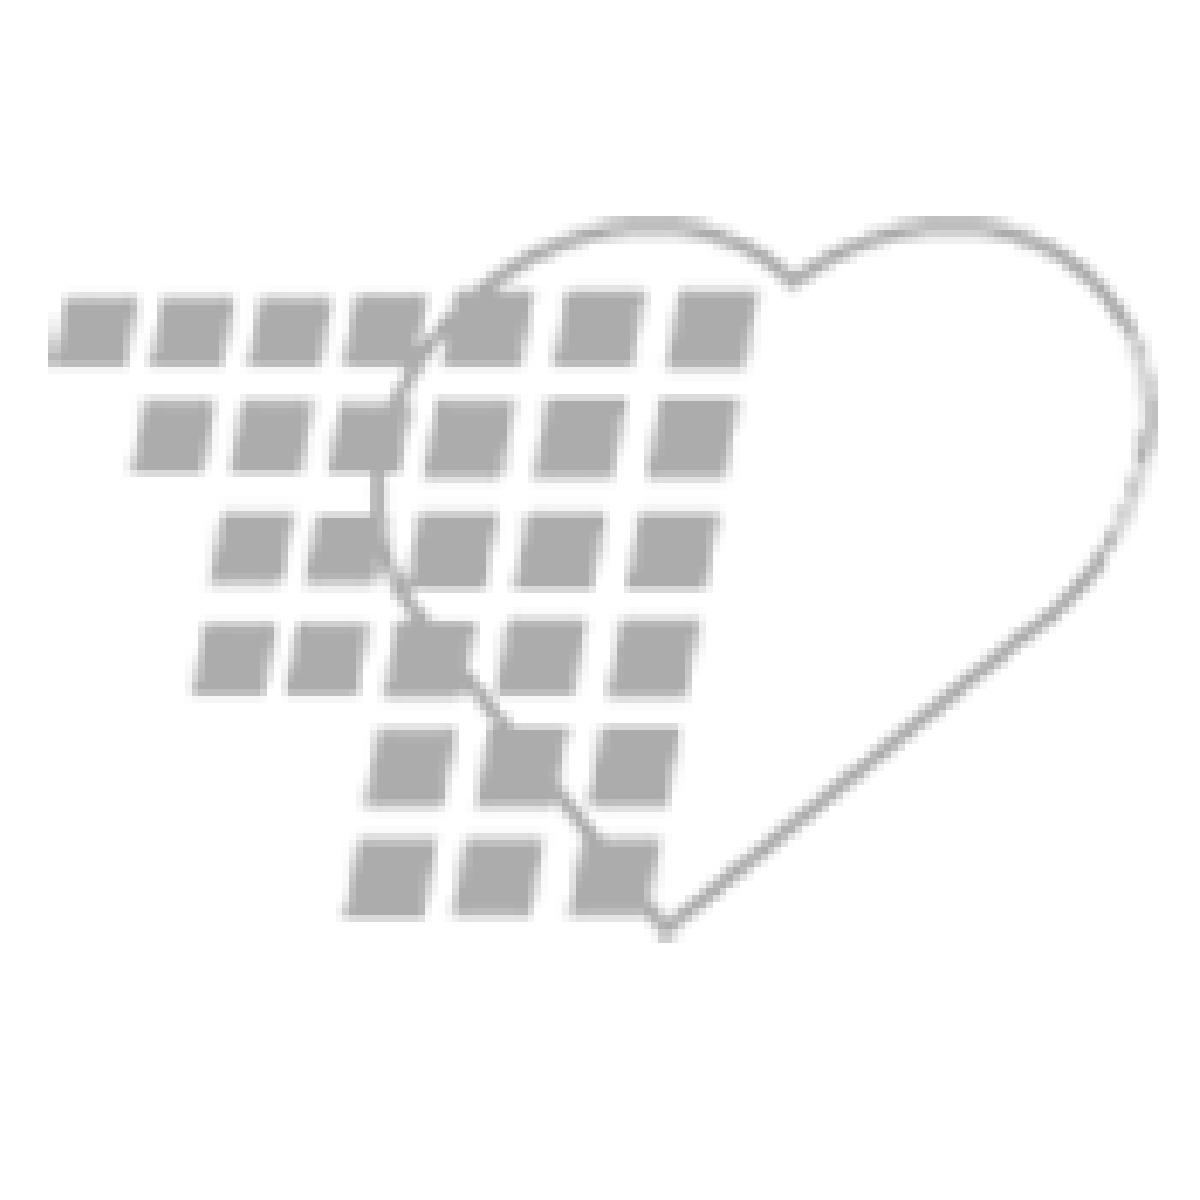 11-81-0897-CHLD - Nasco S.A.L.A.D. - Child